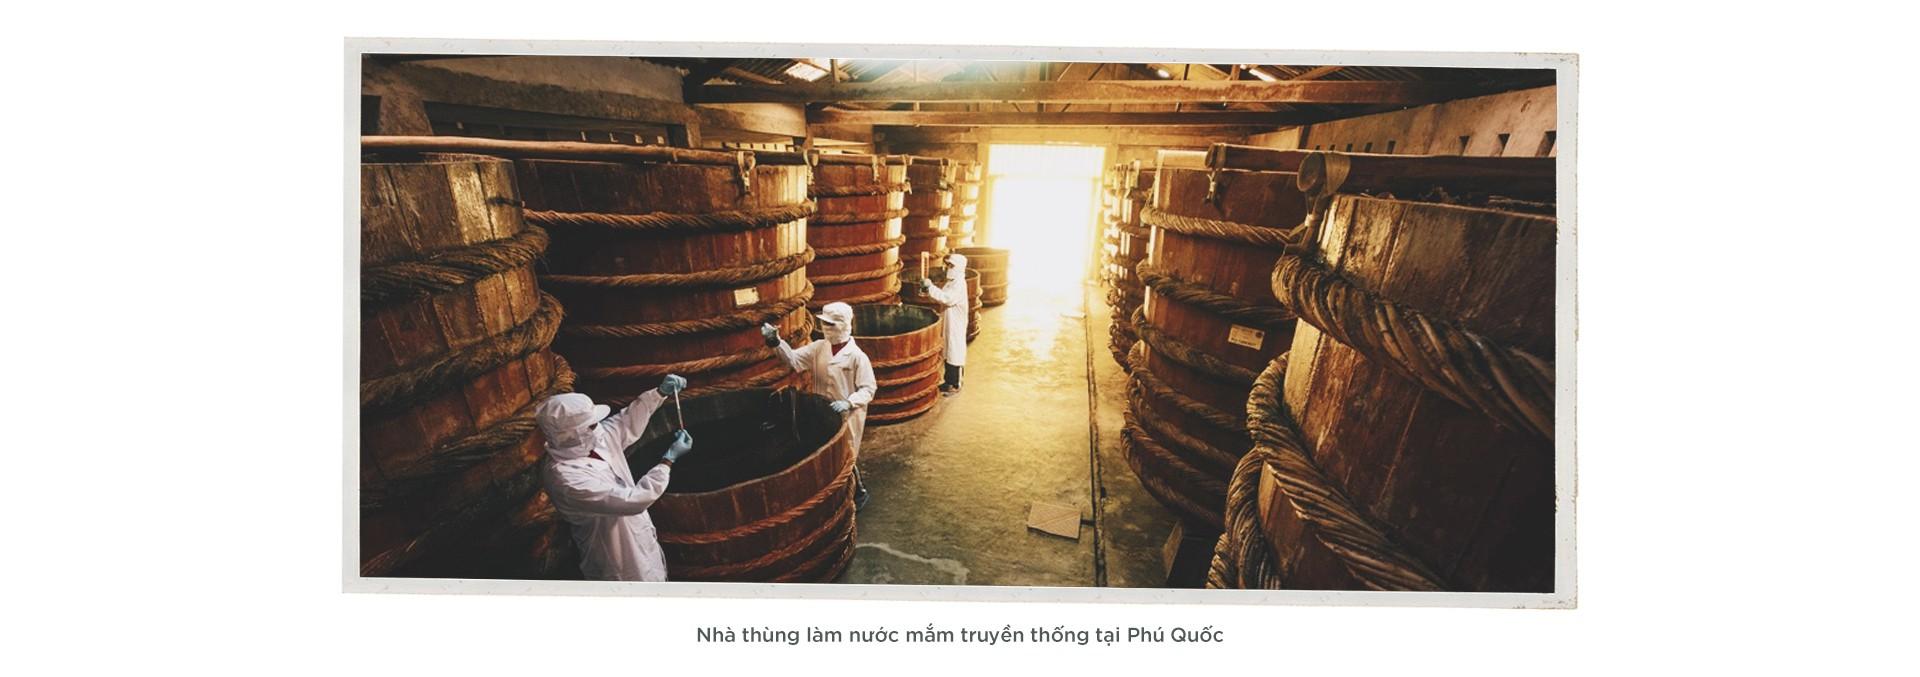 """nhà thùng nước mắm Phú QUốc chạm tay vào """"đảo ngọc"""" phú quốc - nhà-thùng-nước-mắm-Phú-QUốc - Cùng trải nghiệm – chạm tay vào """"đảo ngọc"""" Phú Quốc."""